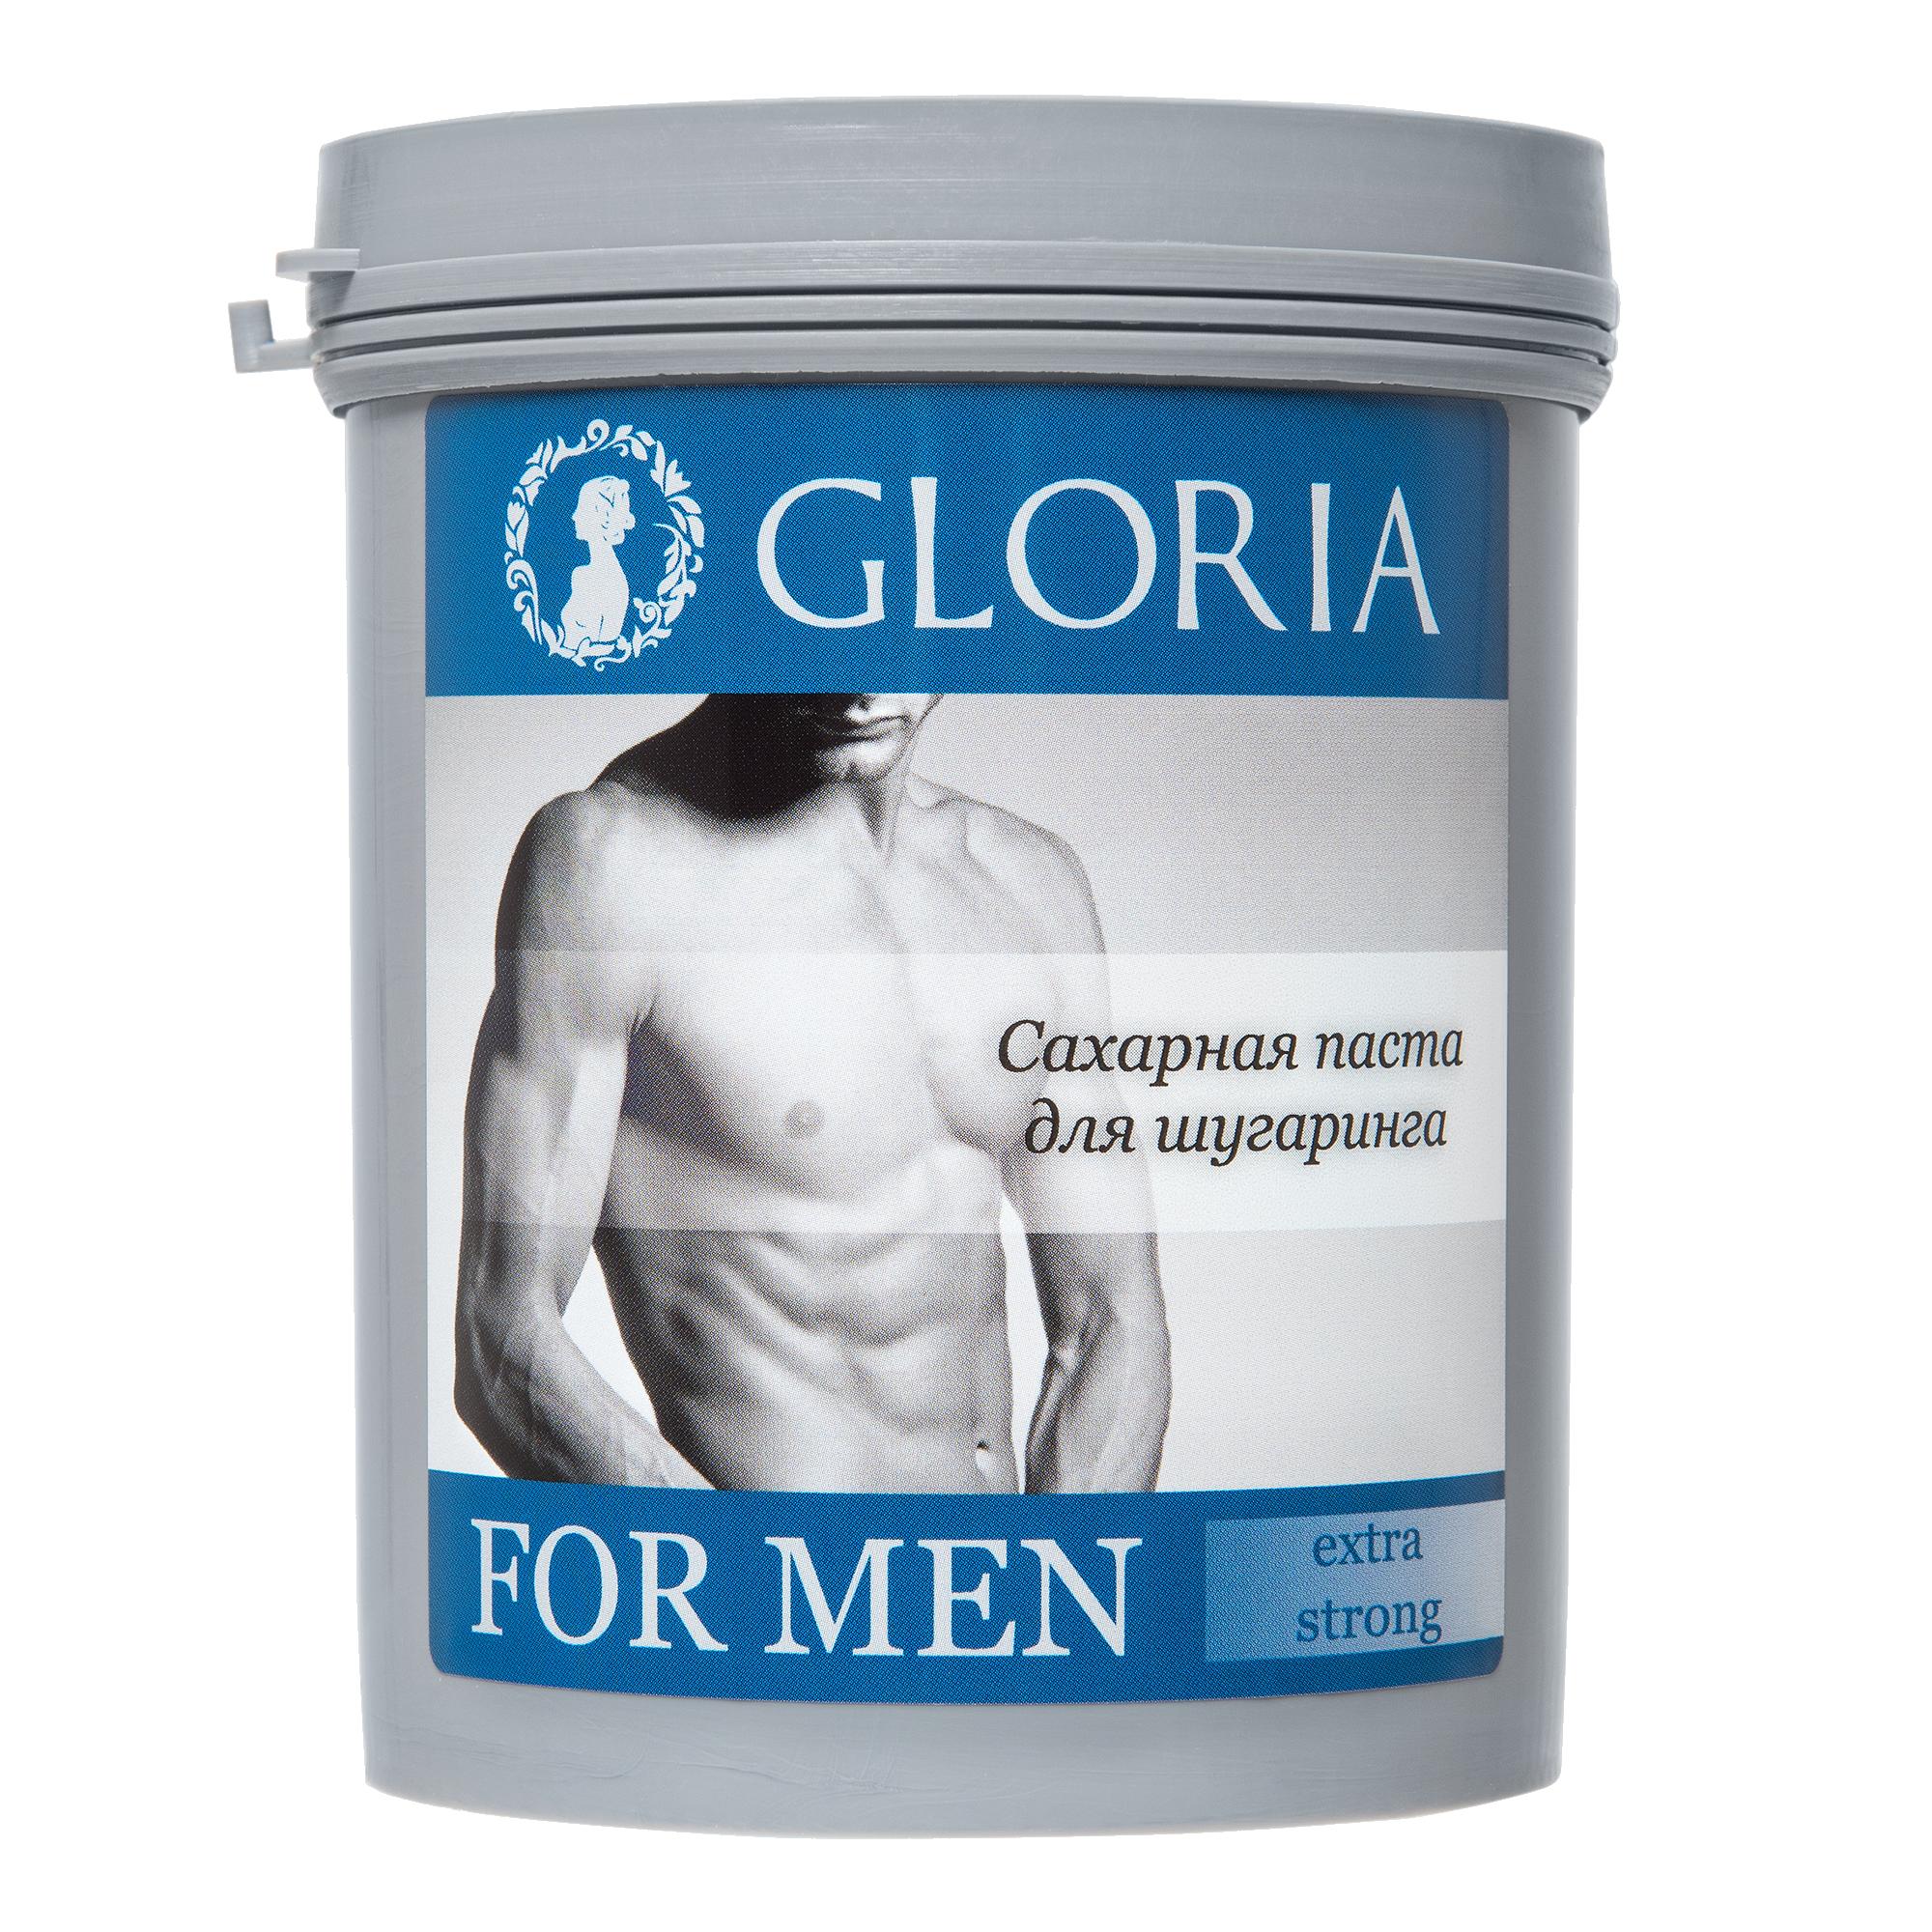 GLORIA Паста сахарная для депиляции FOR MEN Extra Strong / GLORIA, 0,8 кг